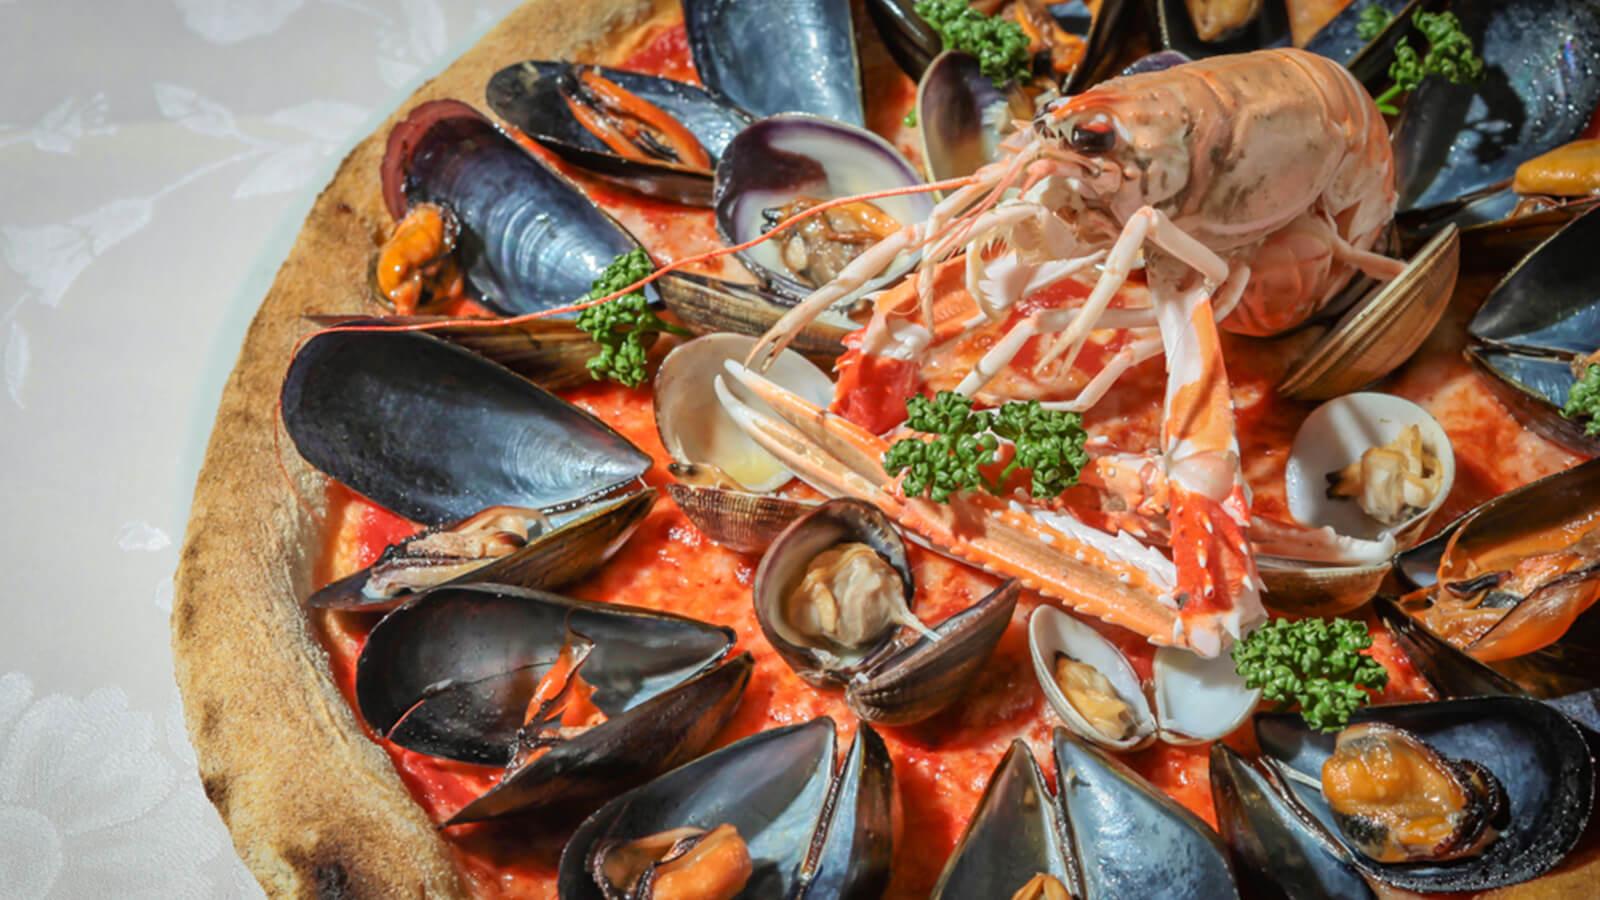 Ristorante di Pesce Abano Terme